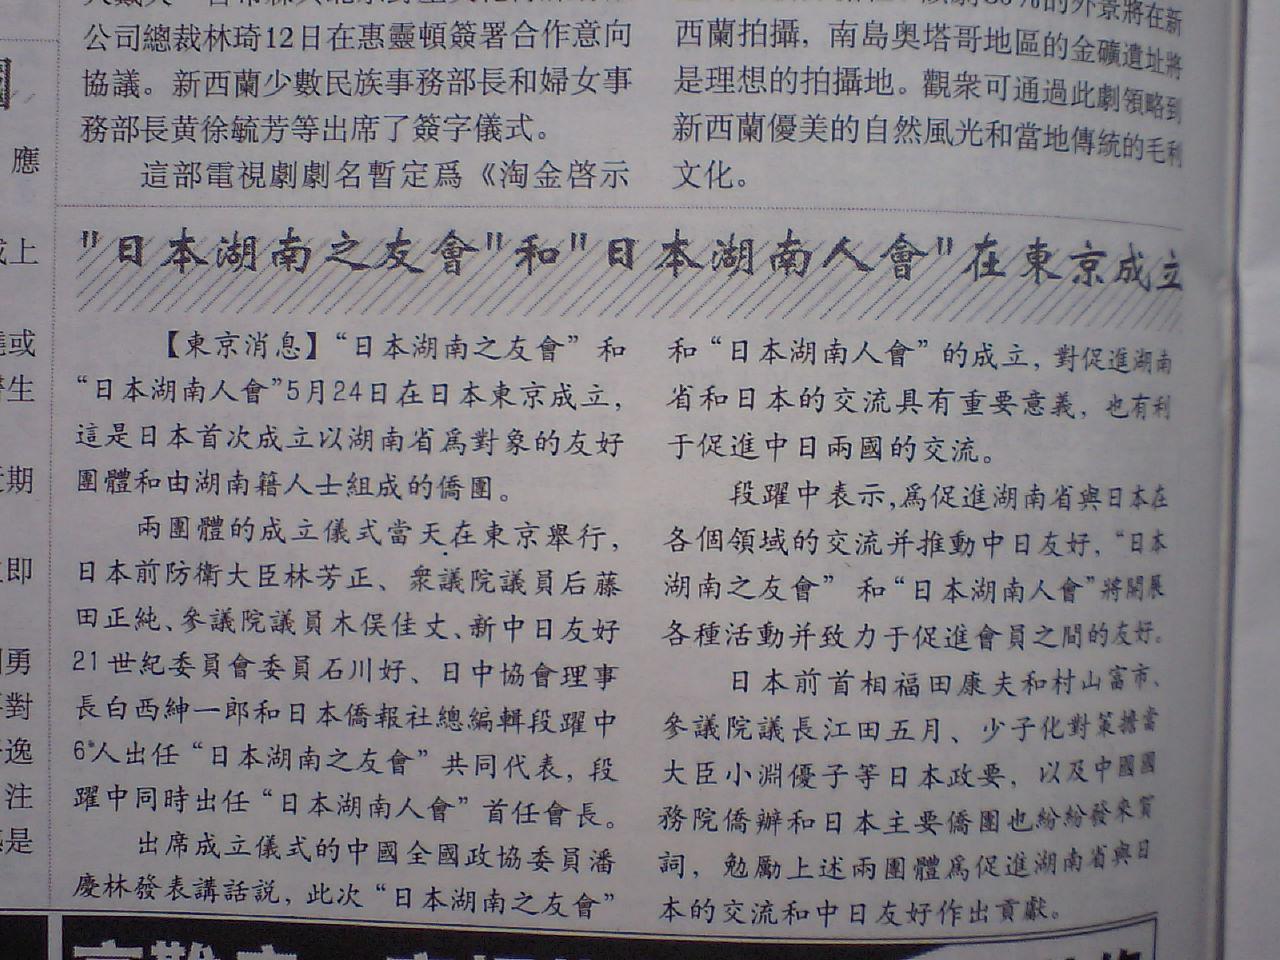 知音報 日本湖南省友の会 日本湖南人会発足を報道_d0027795_2112957.jpg